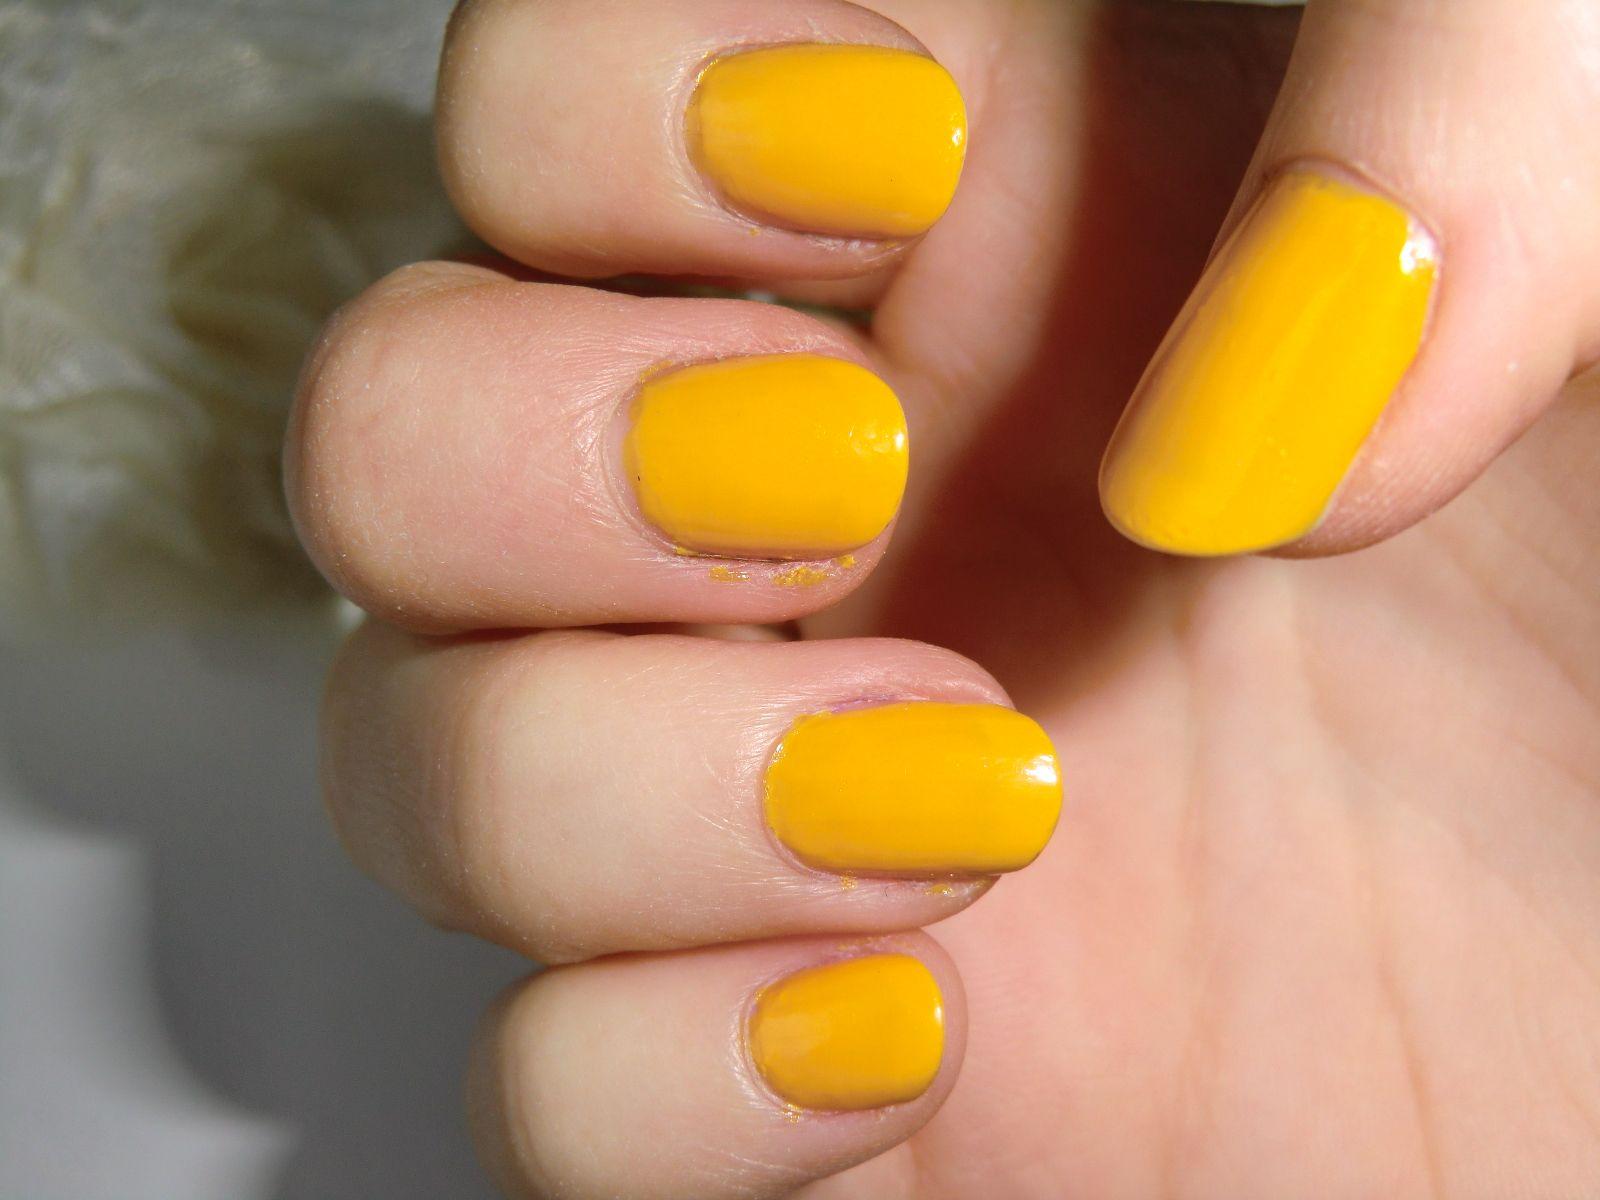 Amazing yellow- Maybelline 749 Electric yellow